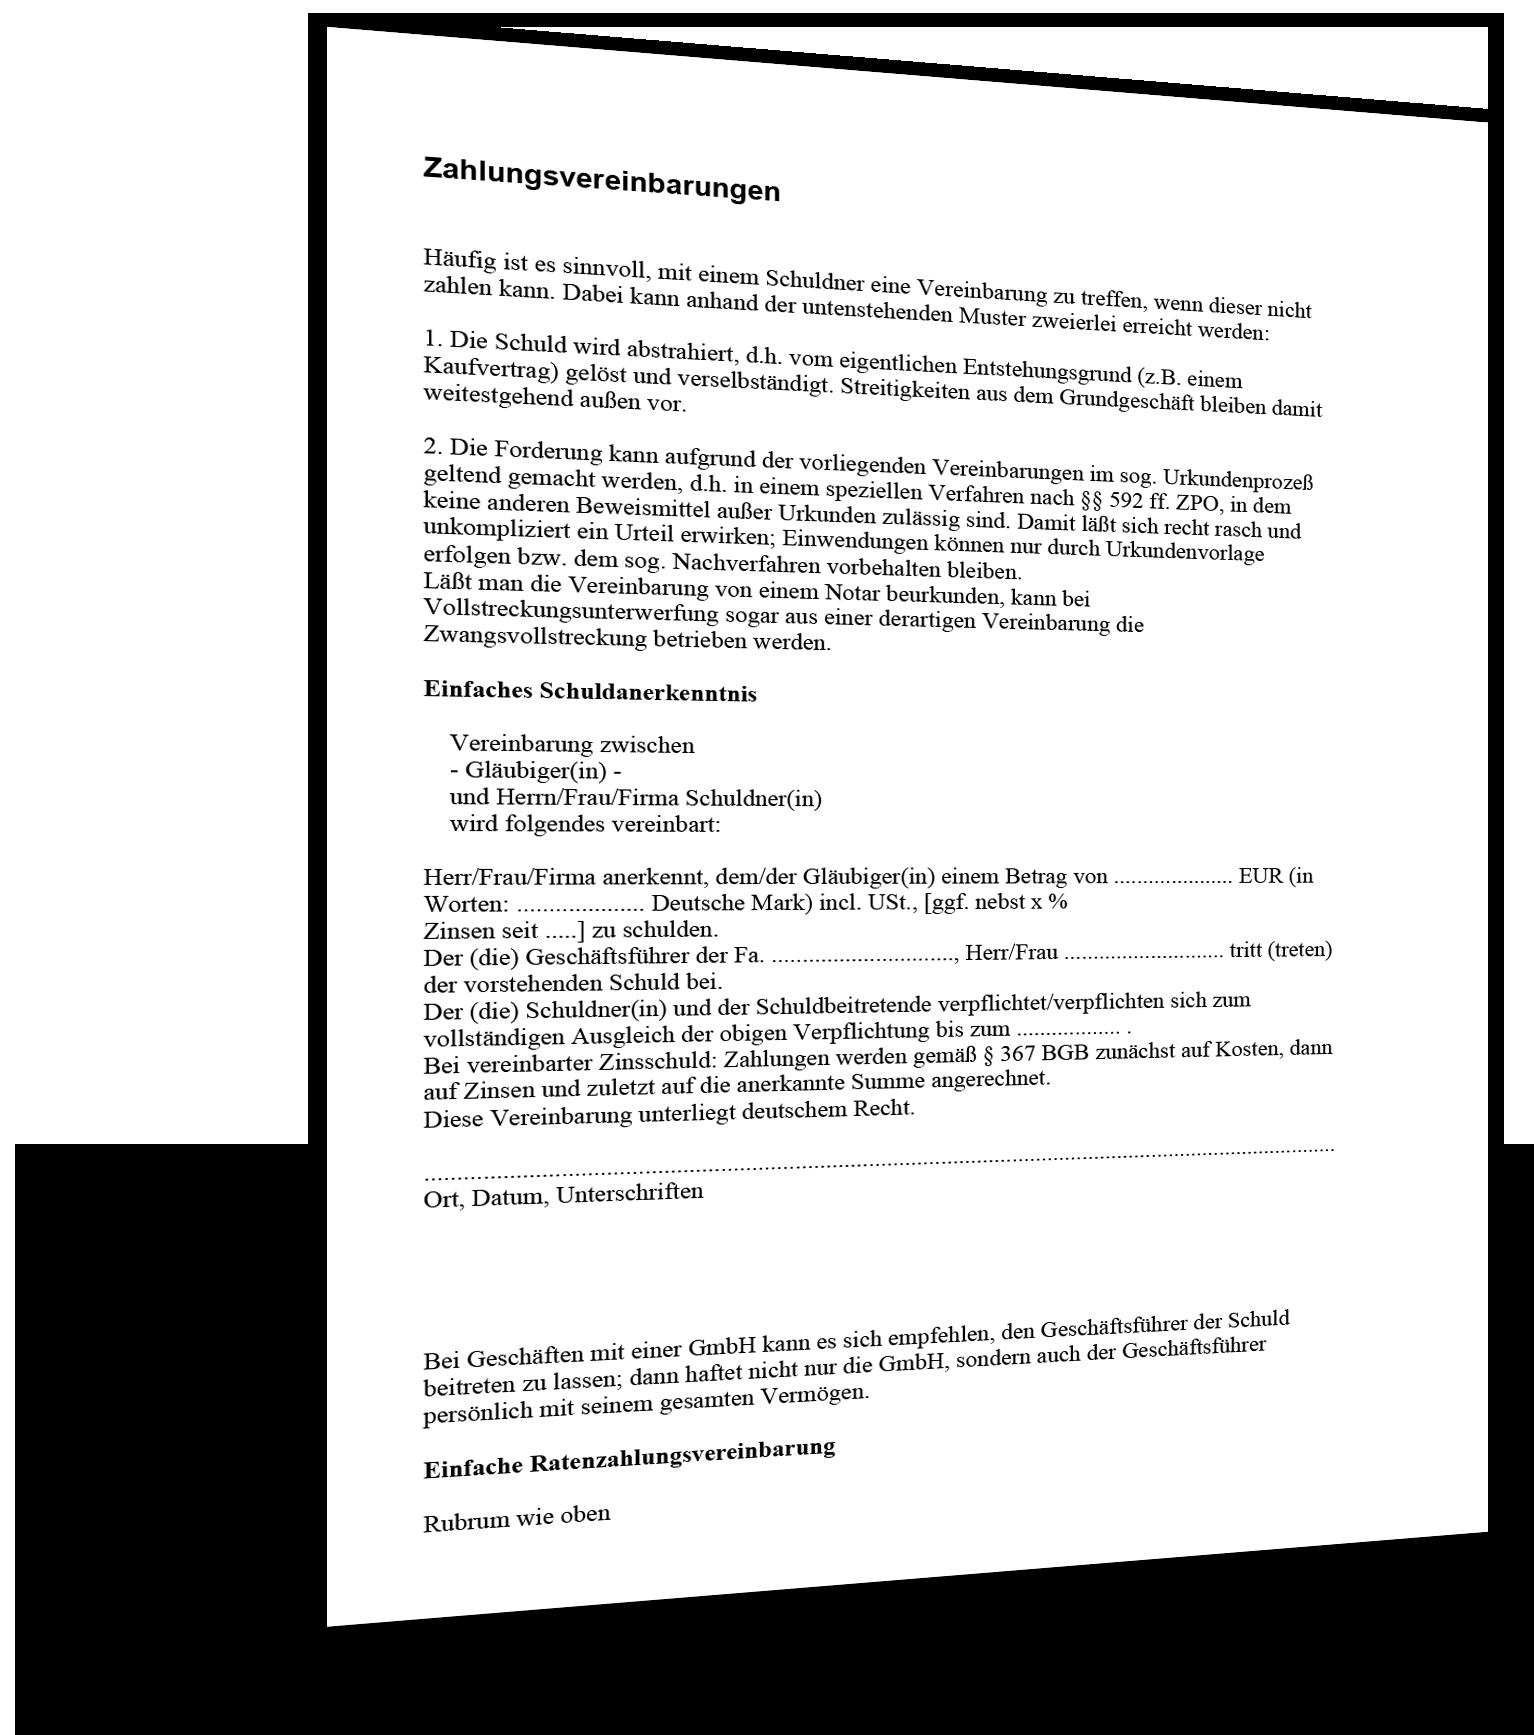 Vorlage Zahlungsvereinbarung